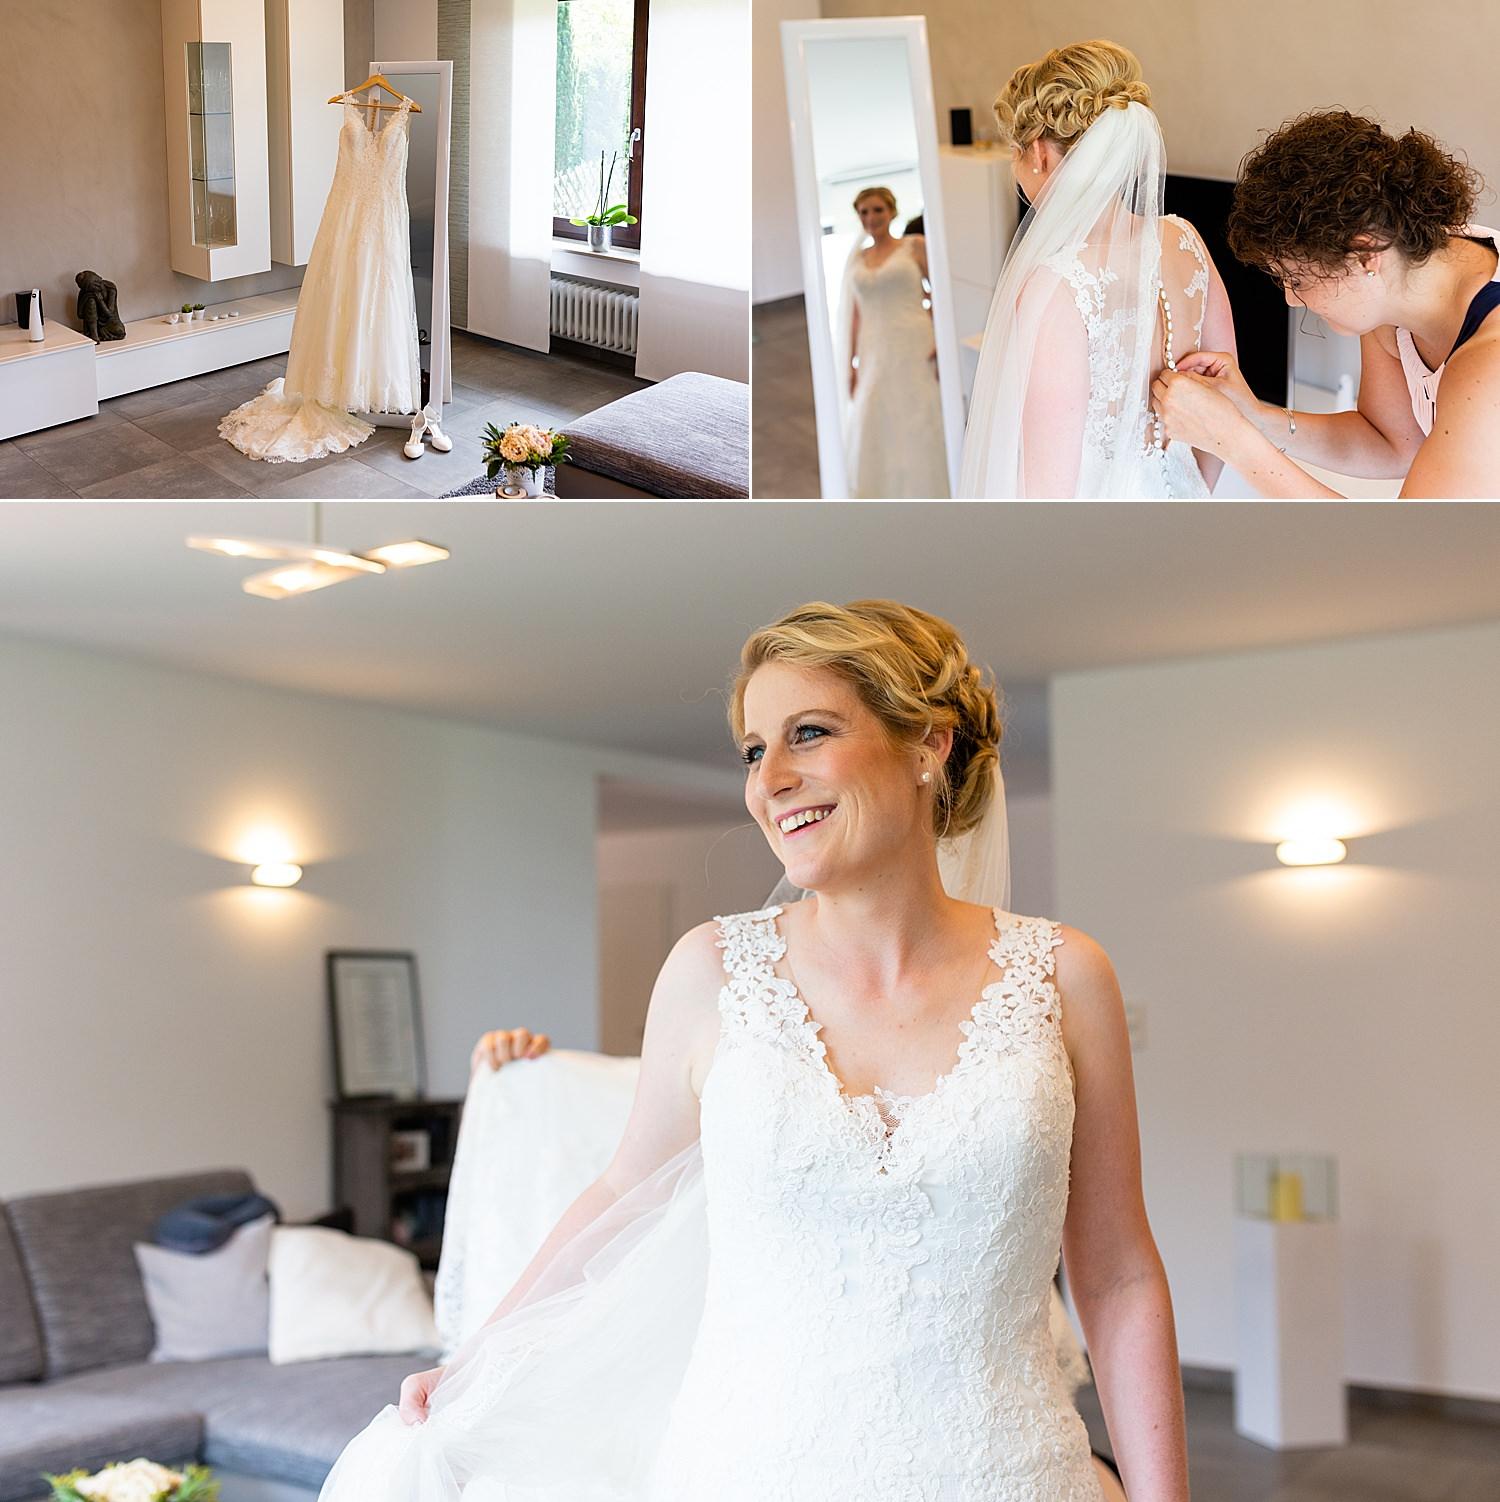 Glückliche Braut wartet auf ihre Hochzeit